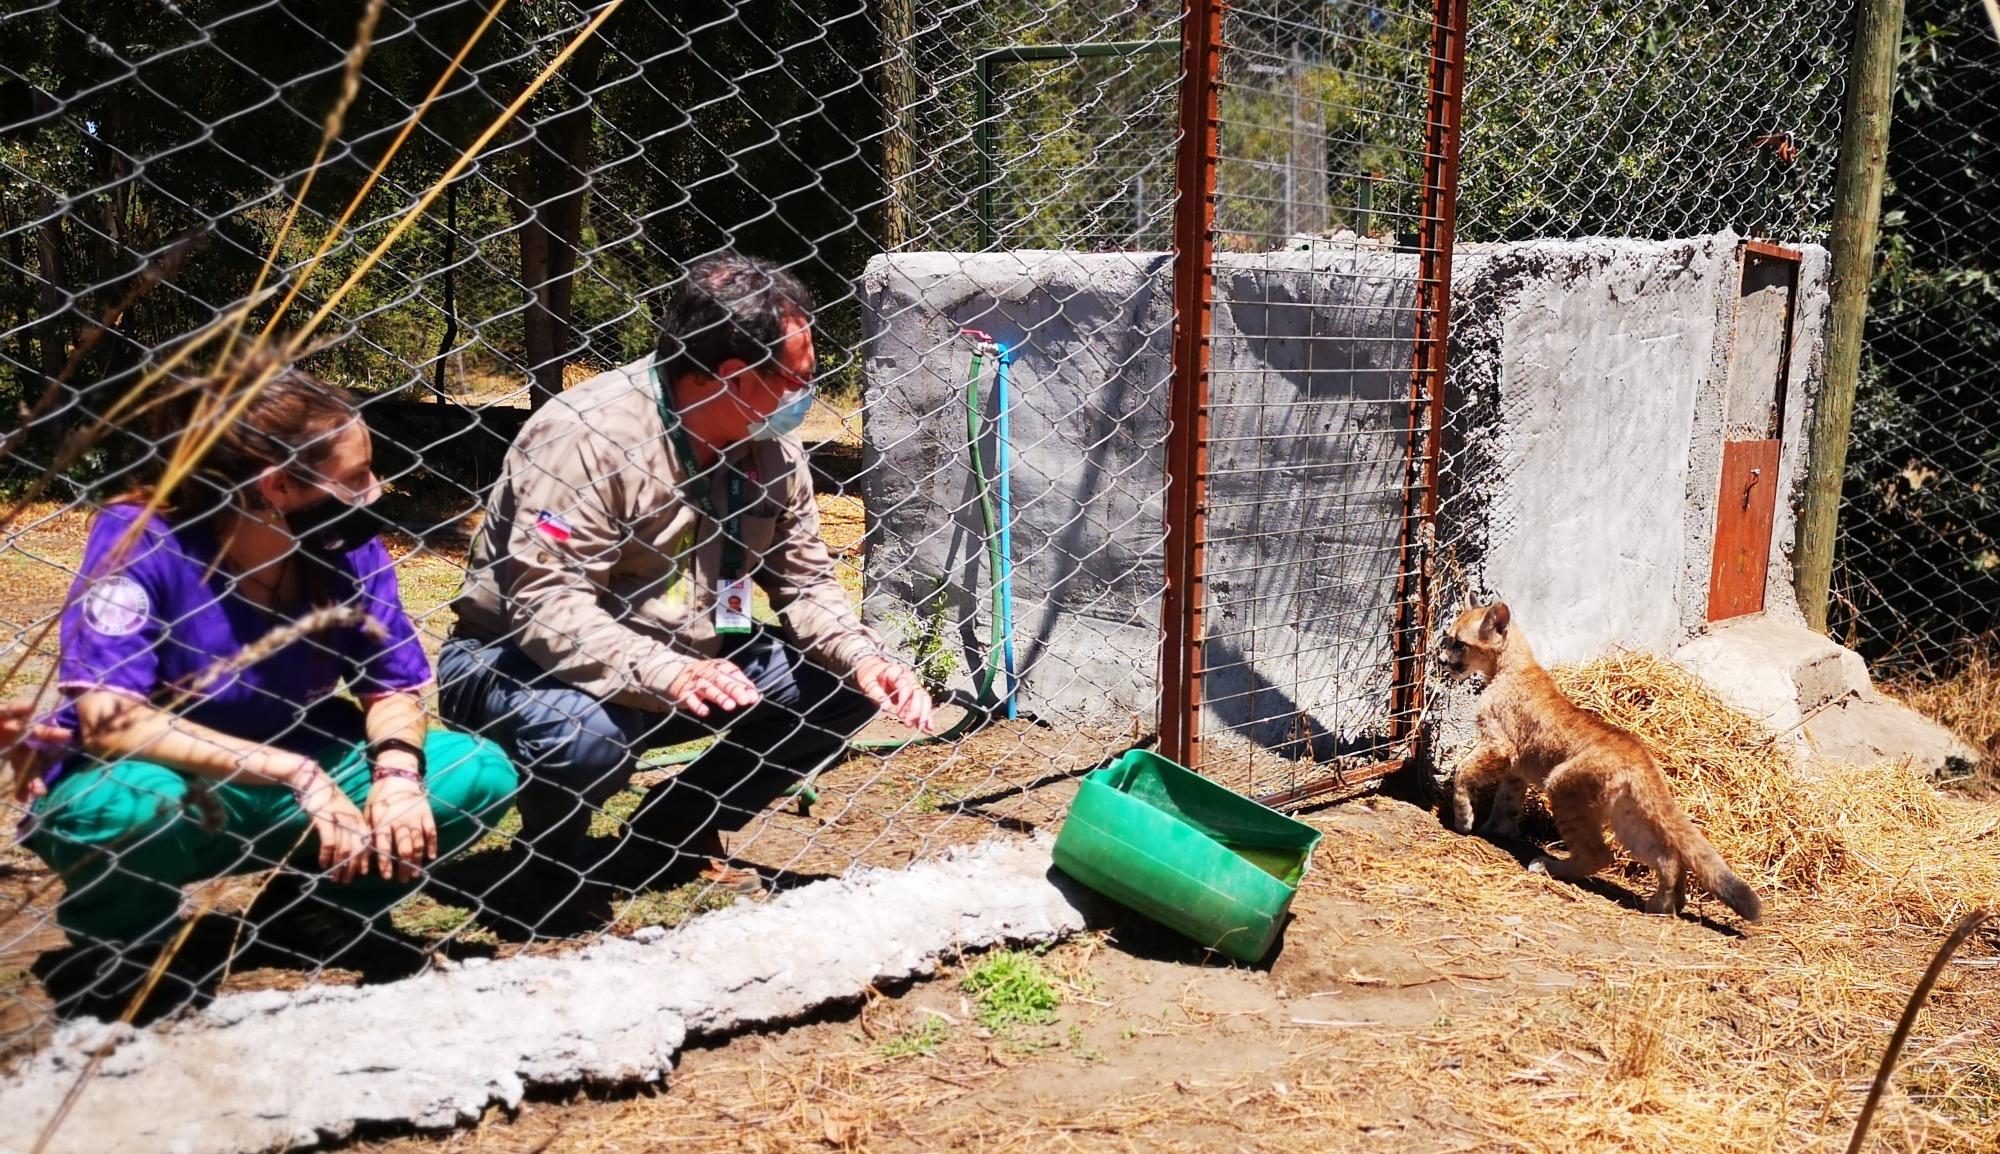 Ñuble: Entregan dos pumas en tenencia definitiva al Bioparque Quillón